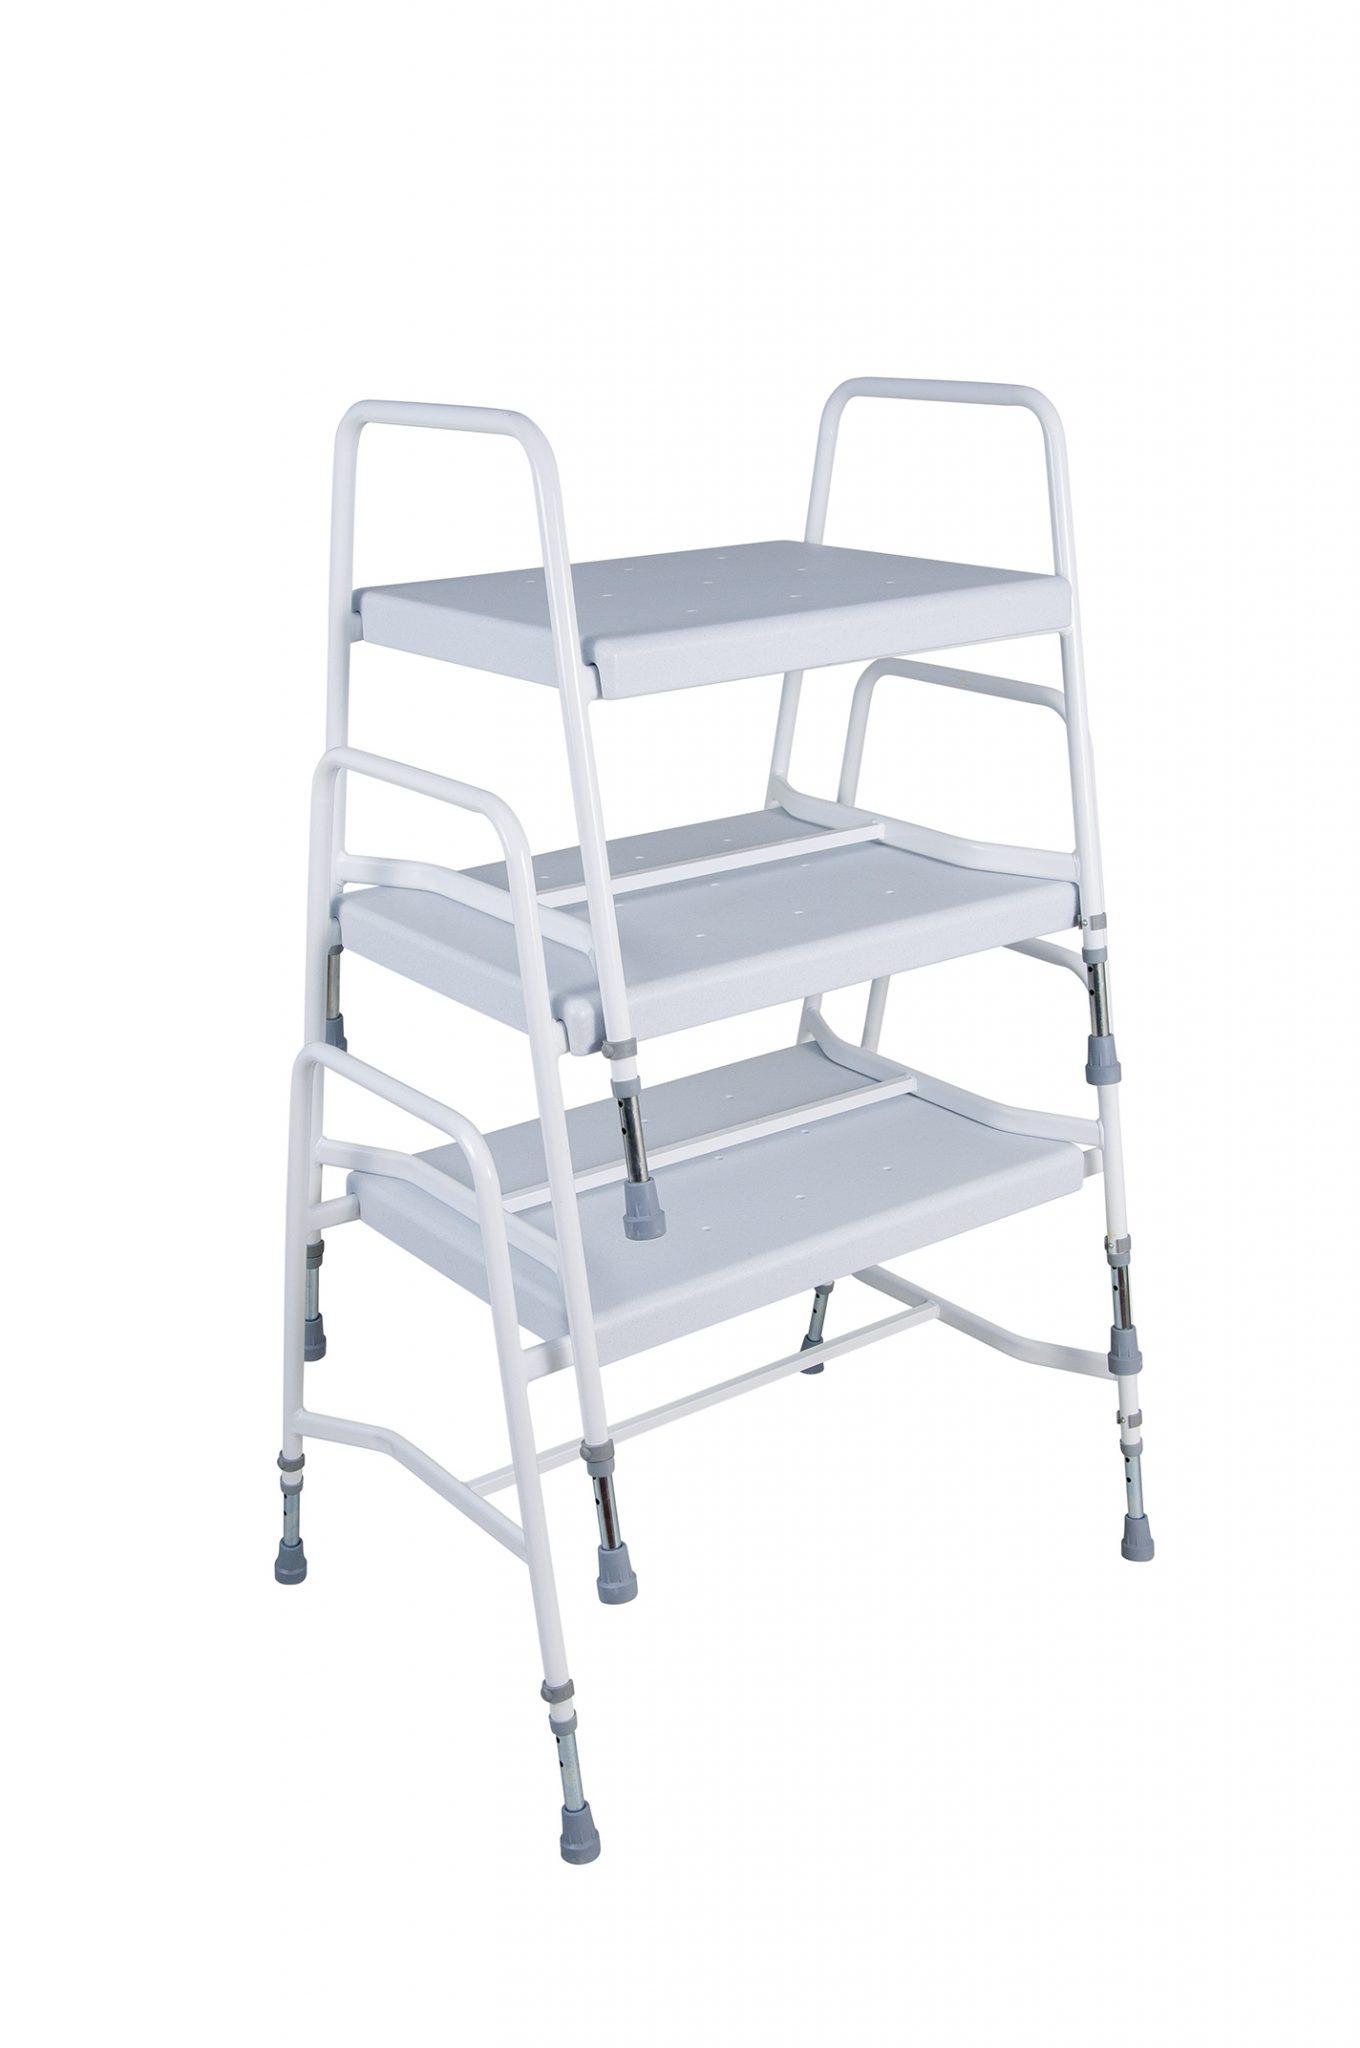 m156 mediatric shower stool